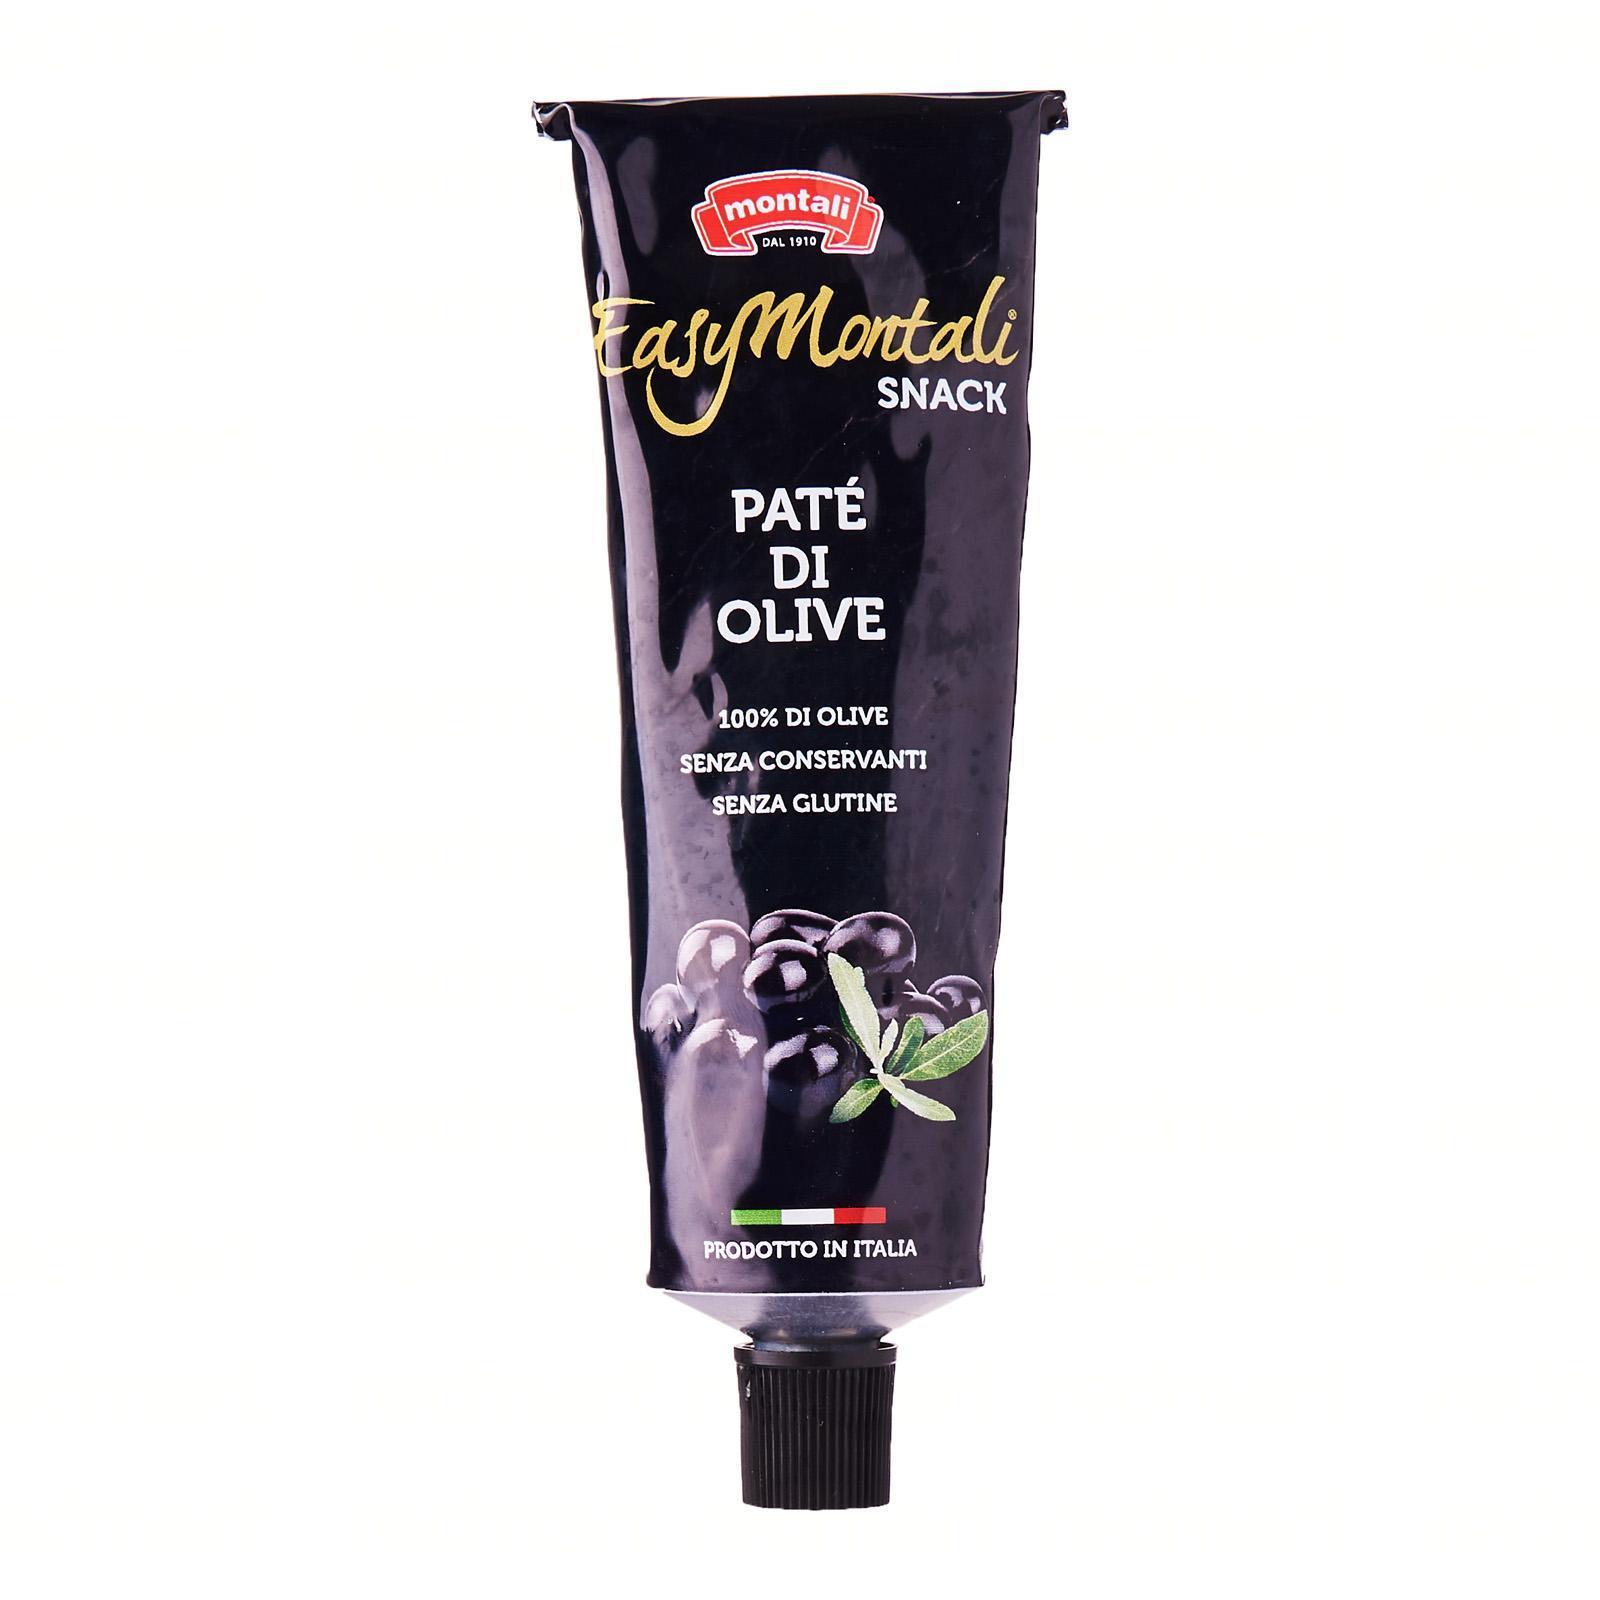 Montali Black Olive Spread